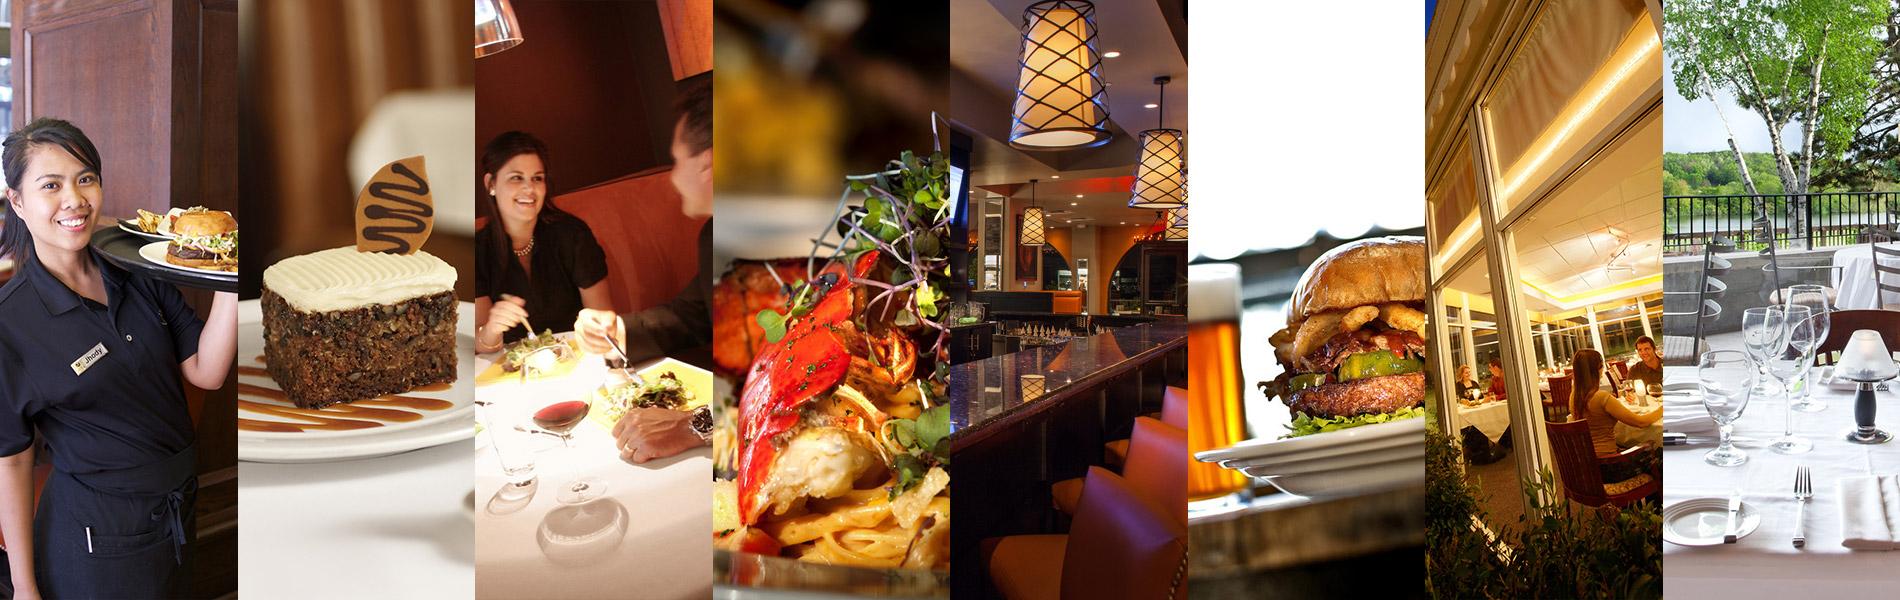 Marcus Restaurant Reserve Image